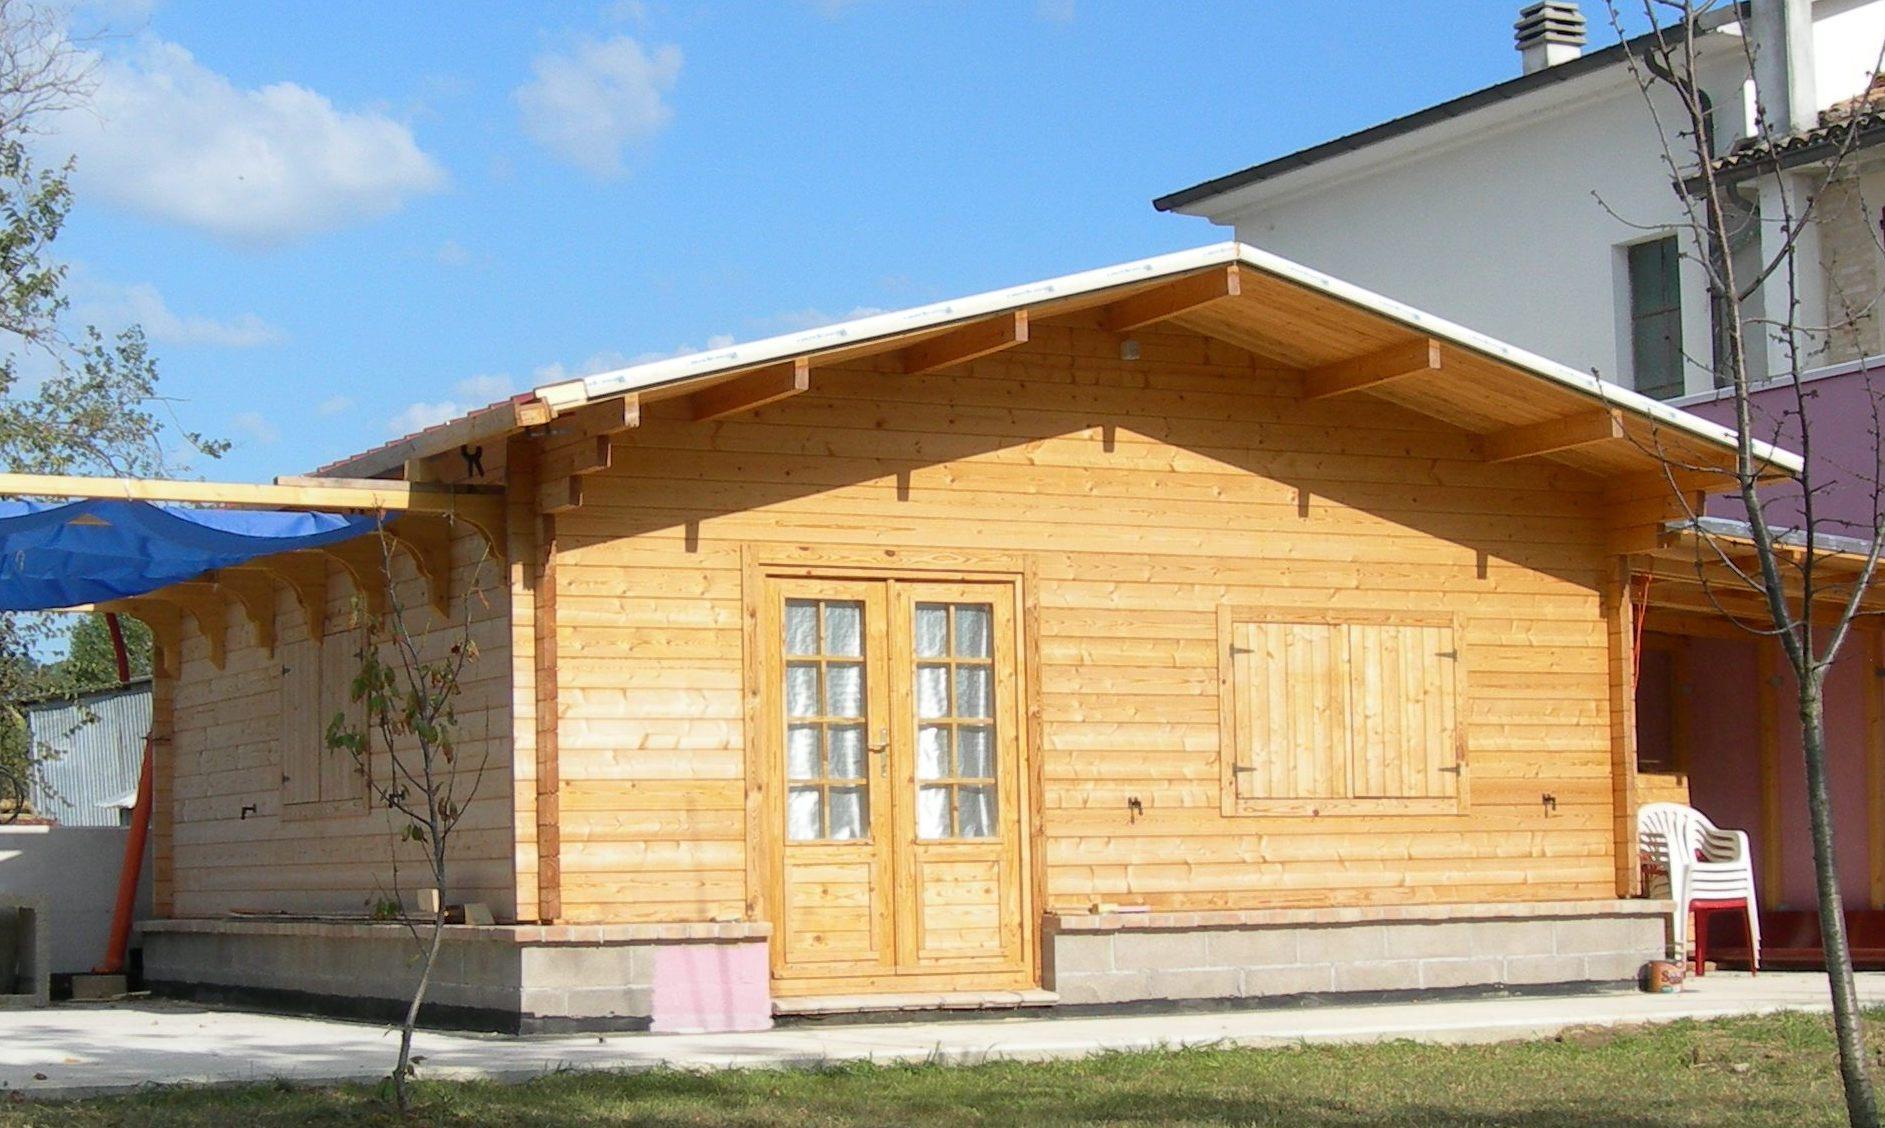 Casa in legno ravenna for Casette prefabbricate legno